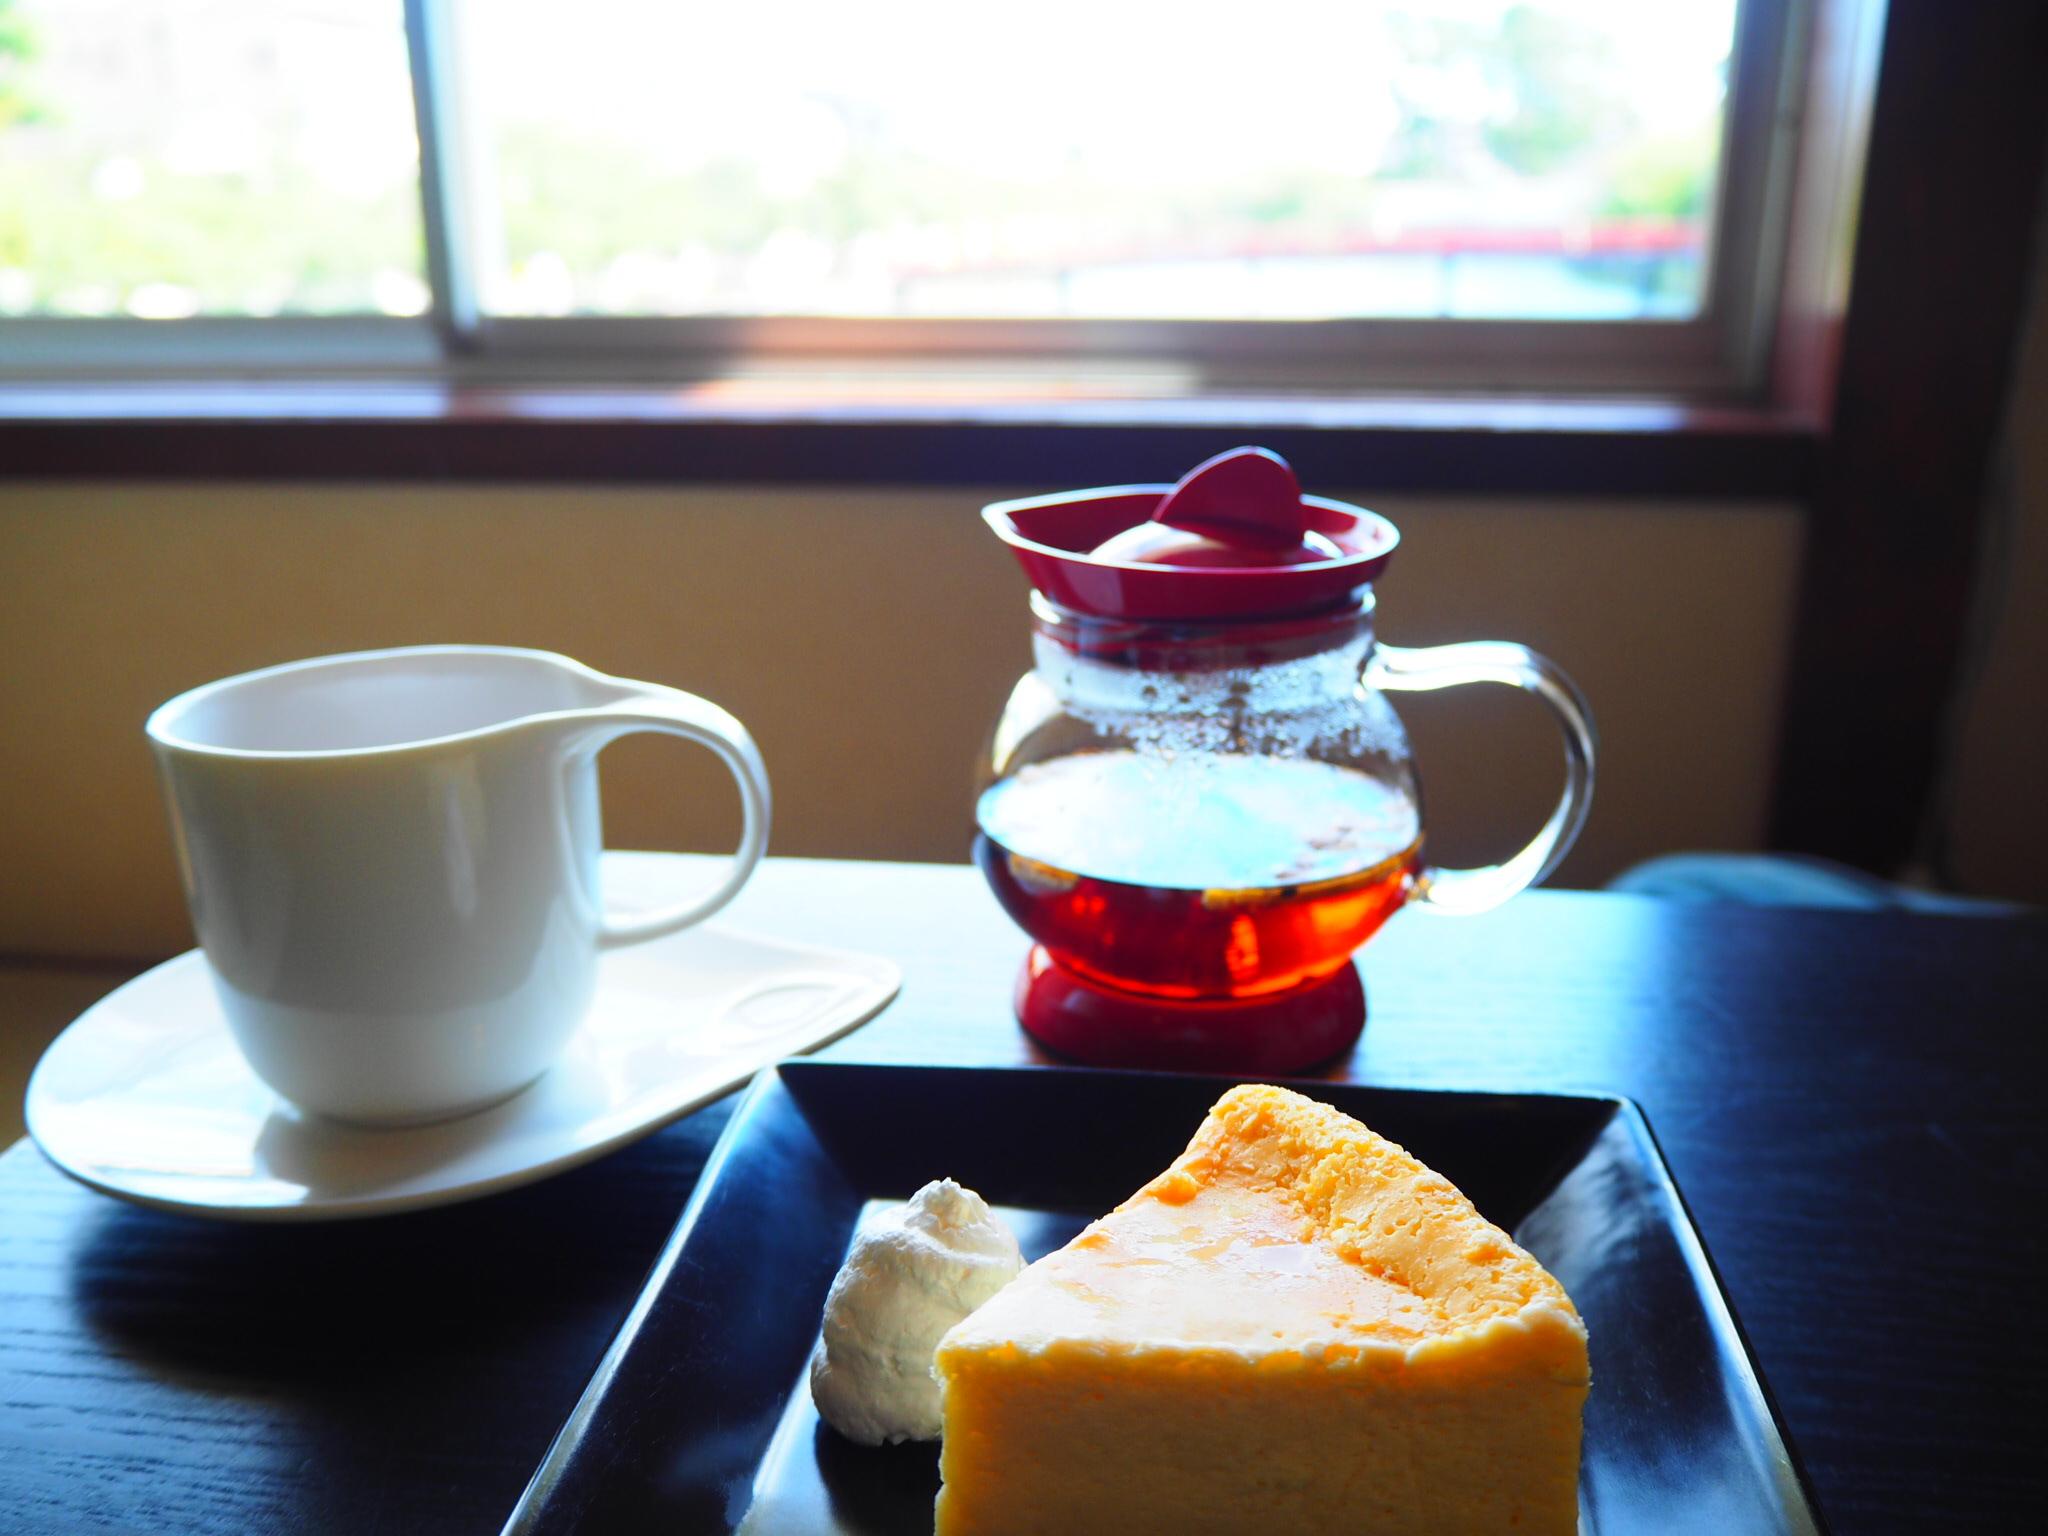 【プチトリップ】小田原城近く☆のんびり過ごせる絶景穴場カフェ「おほり」